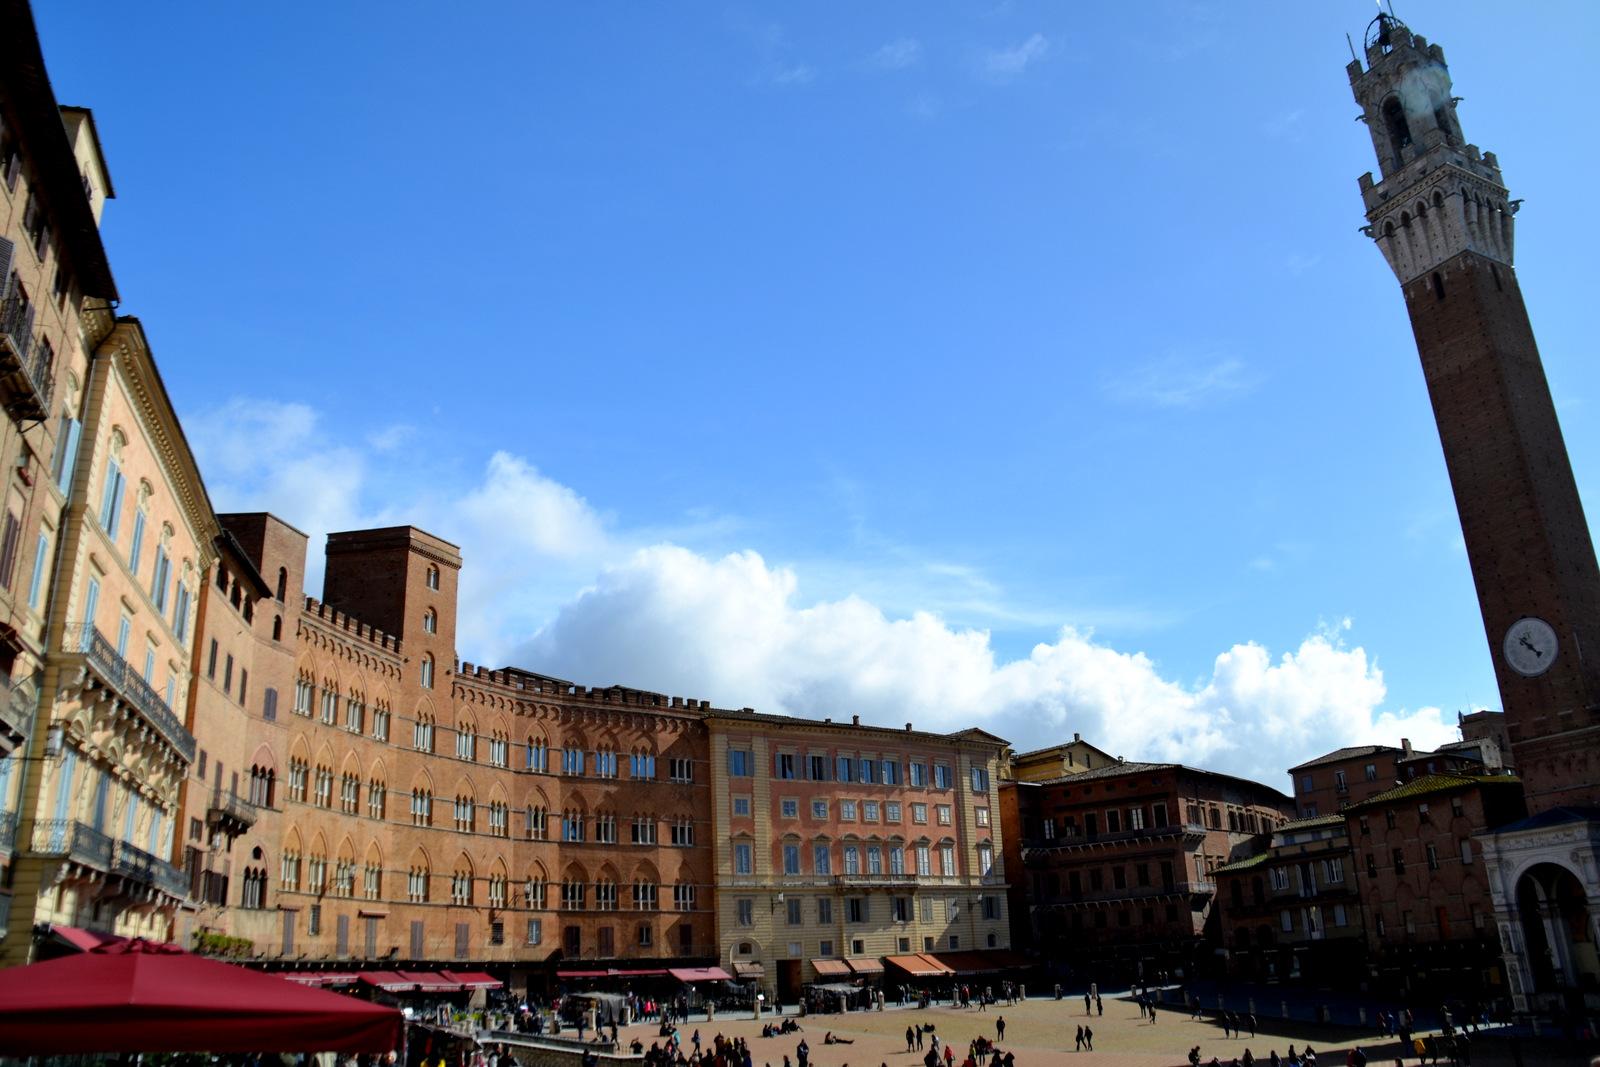 Siena, Tuscany, Italy  // Veľká Noc 2018 - 4. deň